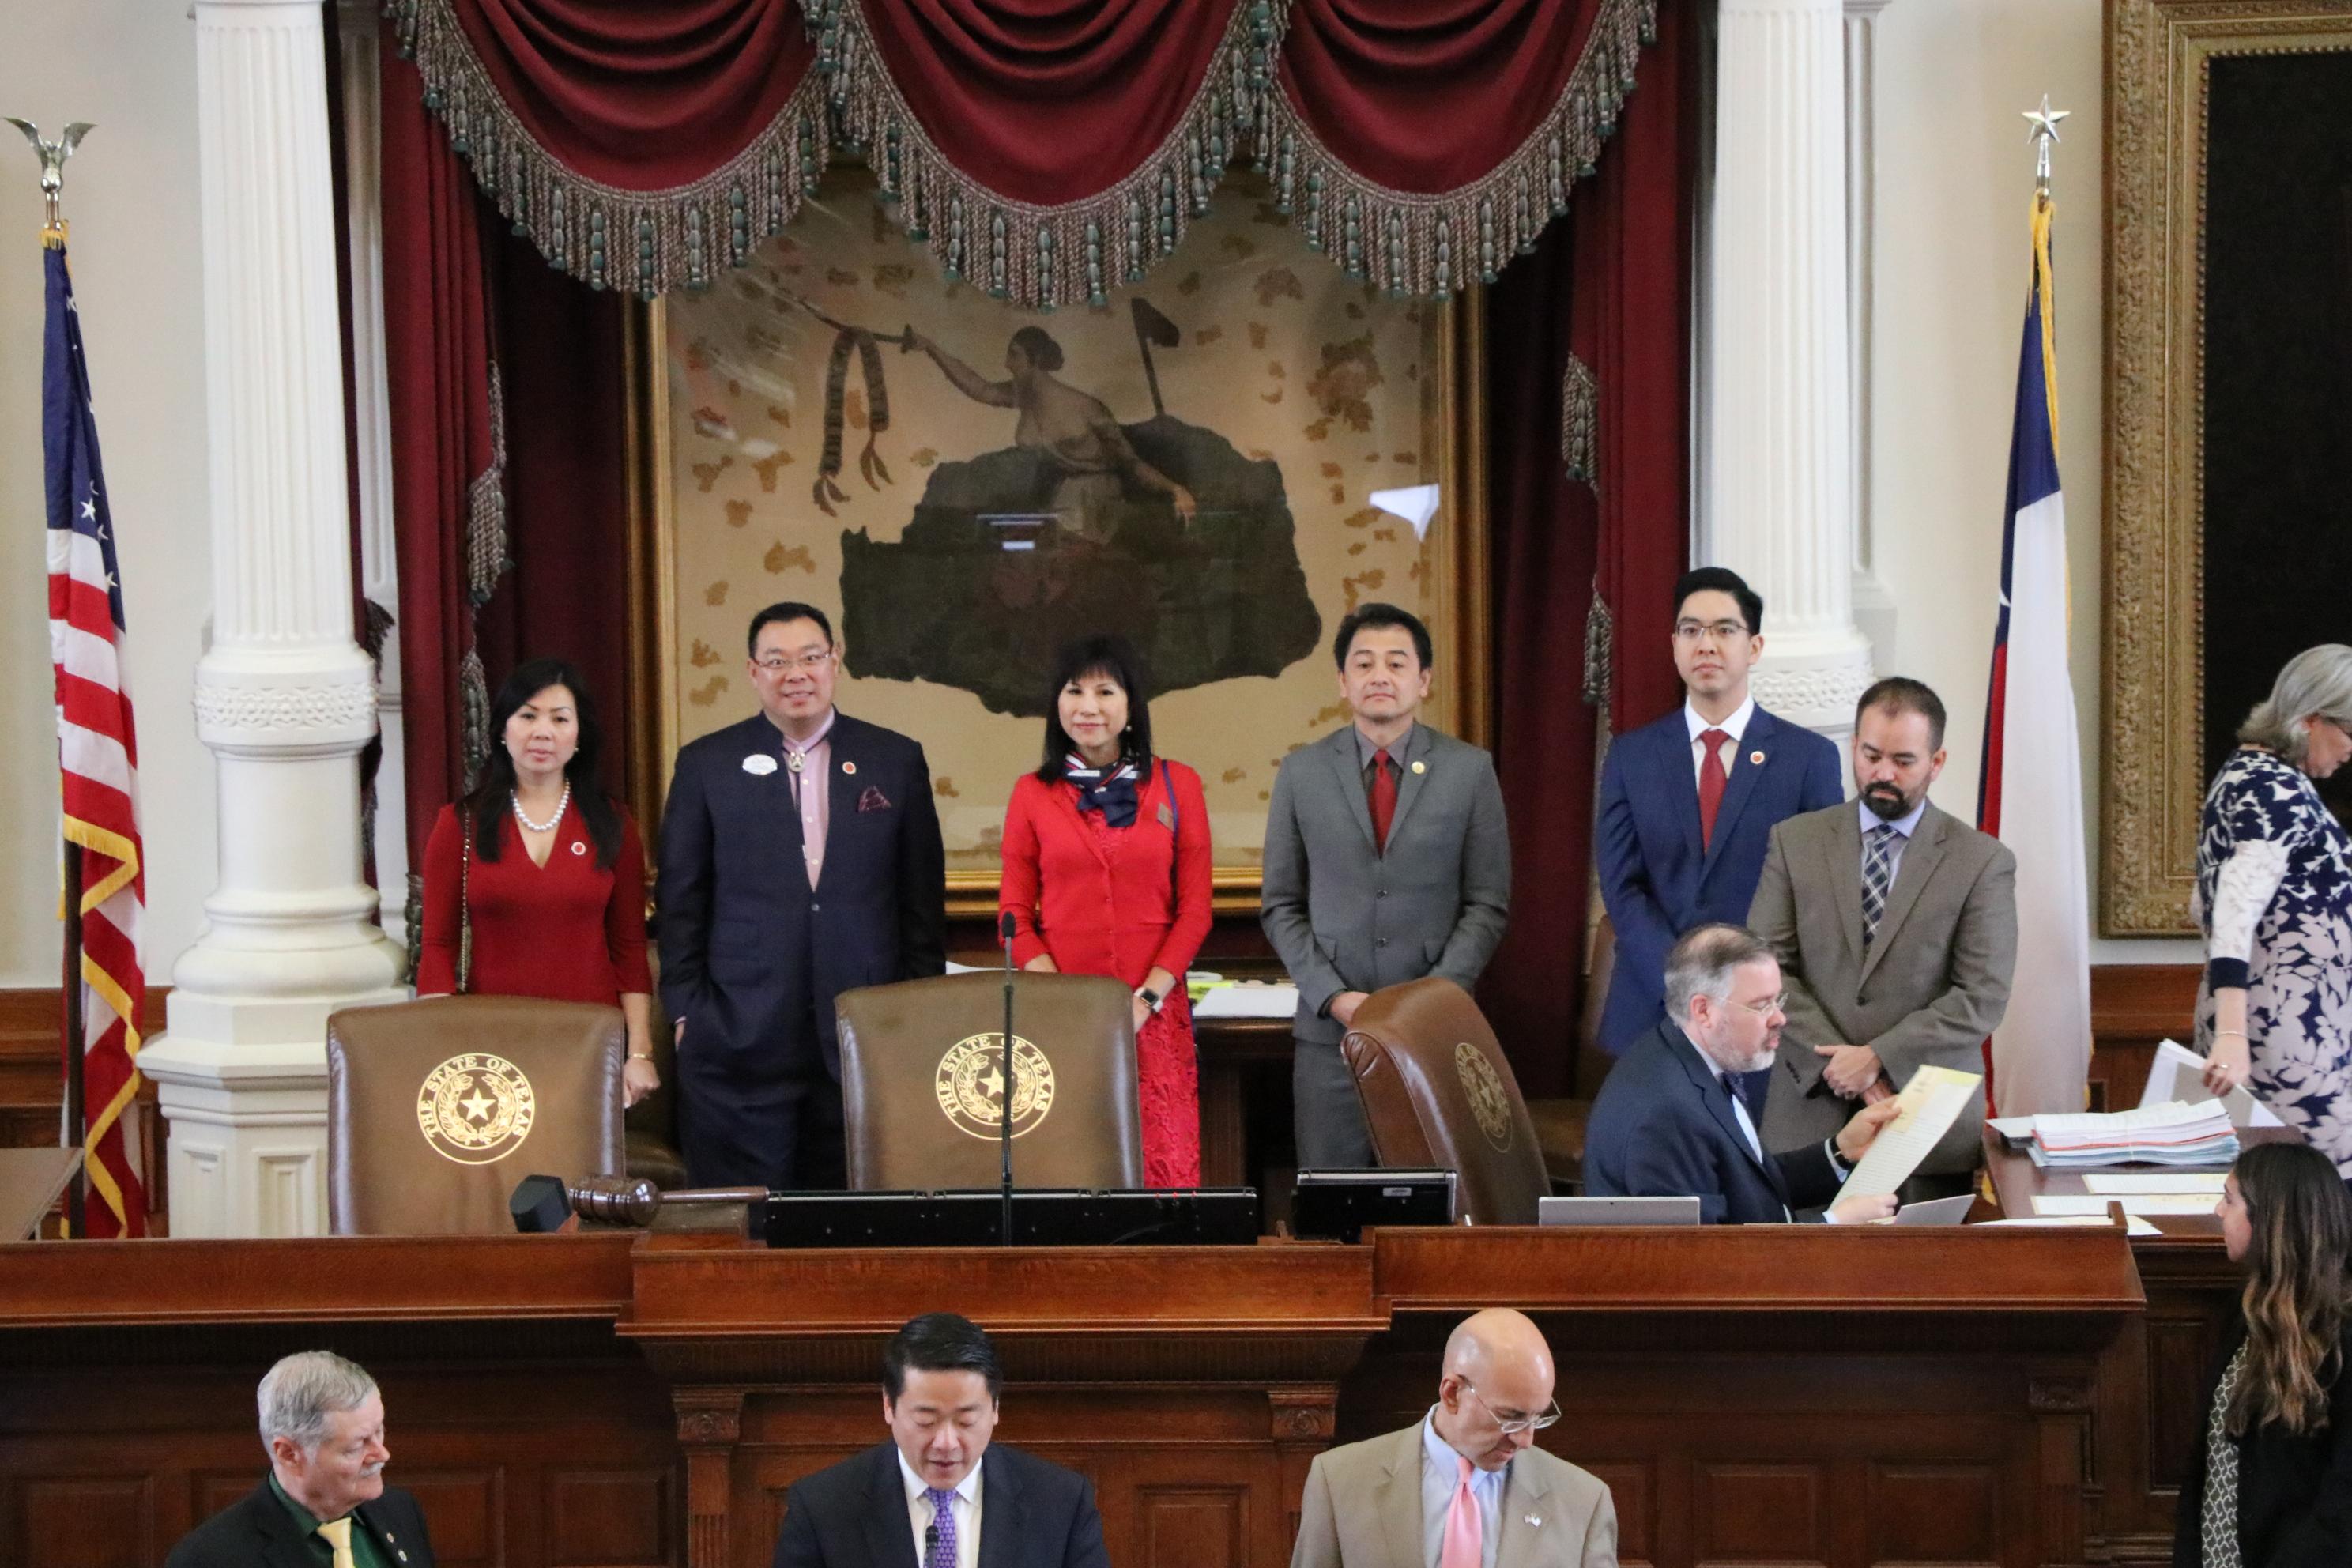 州眾議員吳元之宣讀休士頓亞裔地產協會前會長林富桂、Eugene Wang、達拉斯分會會長吳家盛等的卓越貢獻。